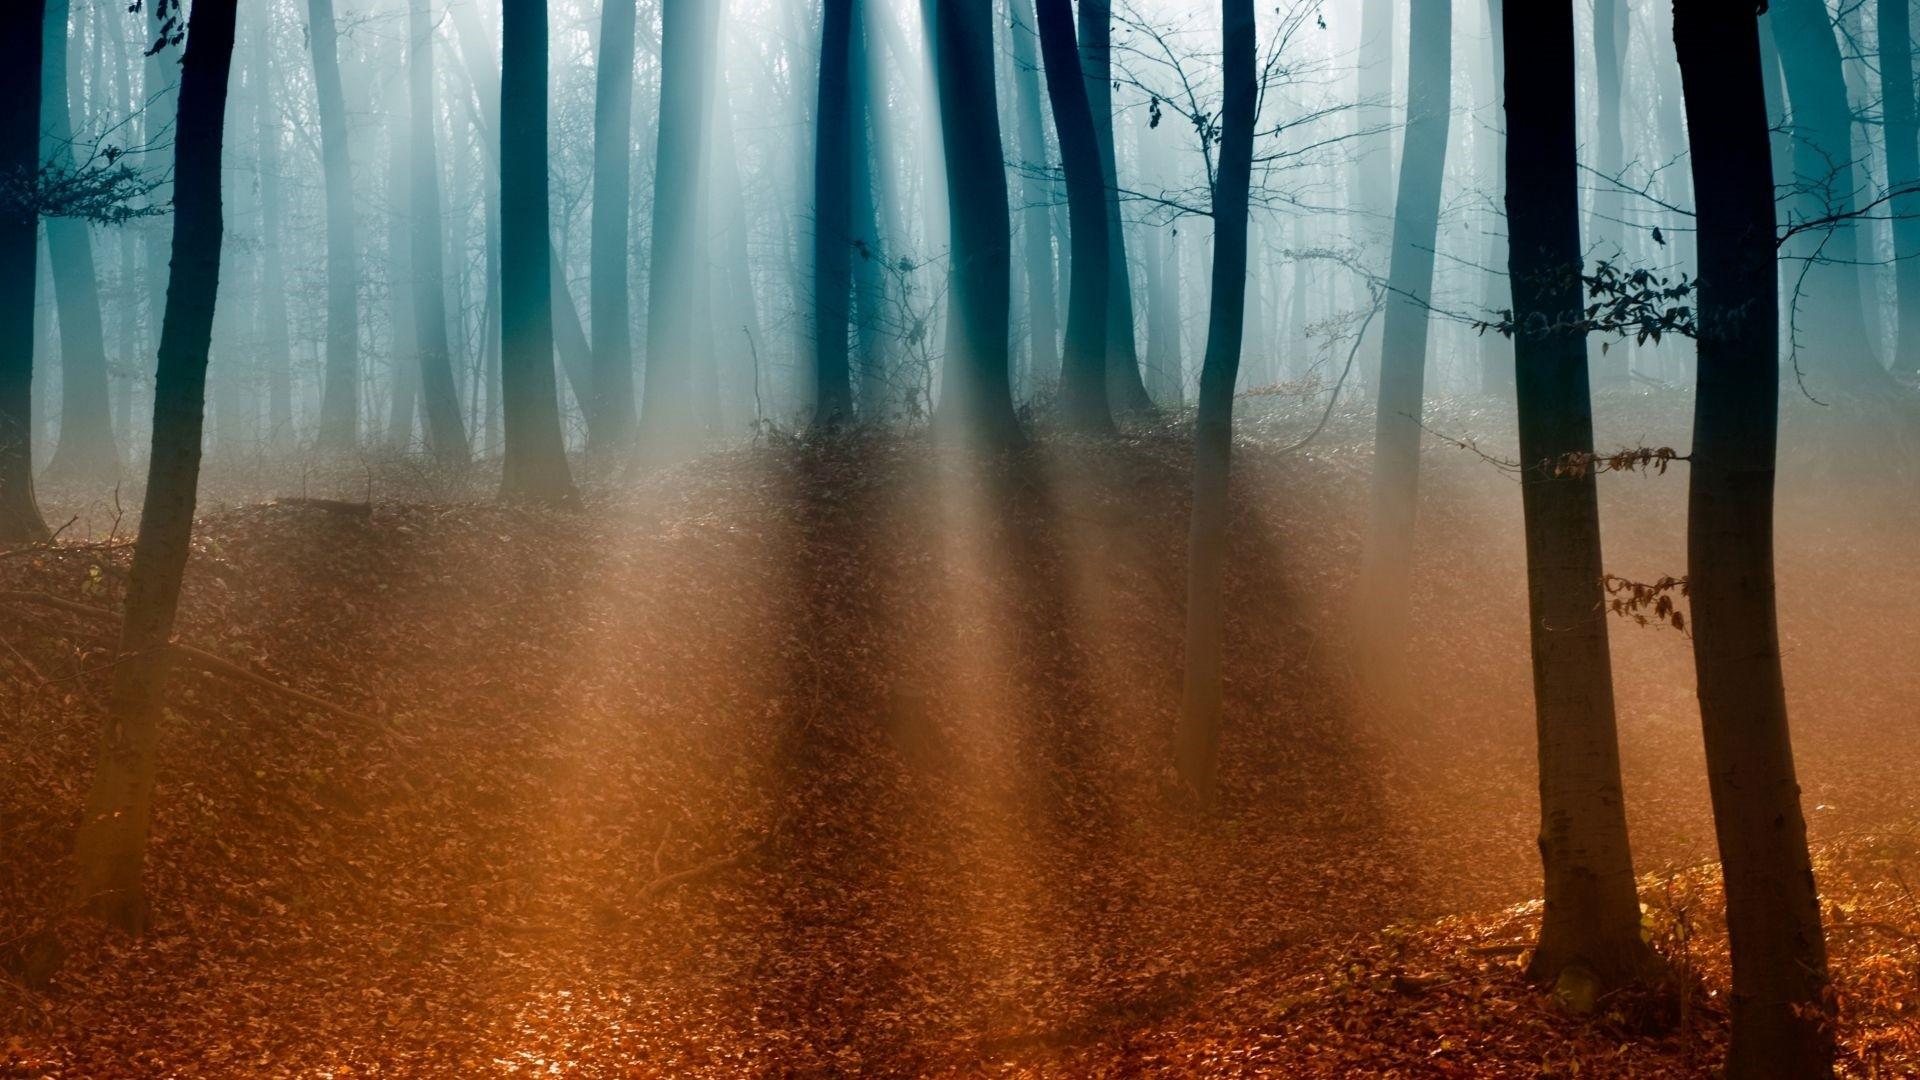 Forest Sunlight HD Wallpaper